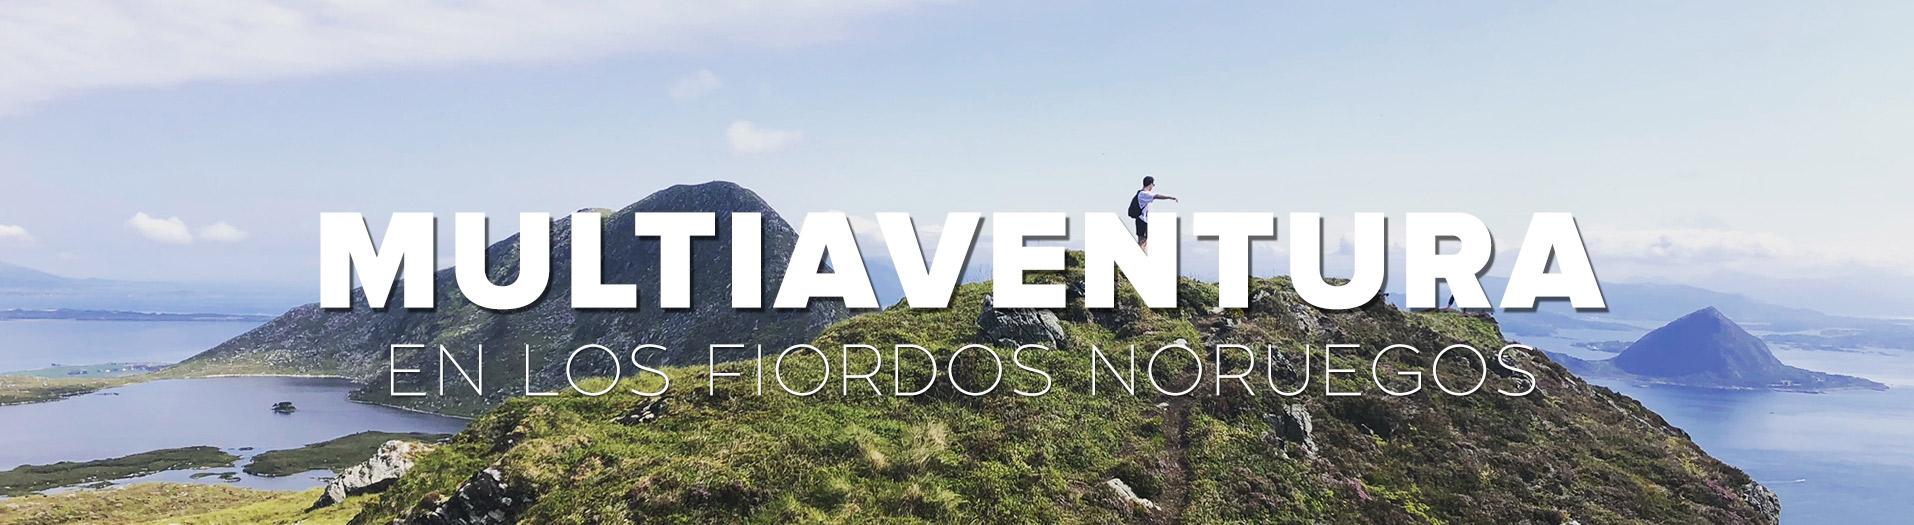 Viaje Fiordos Noruegos Multiaventura